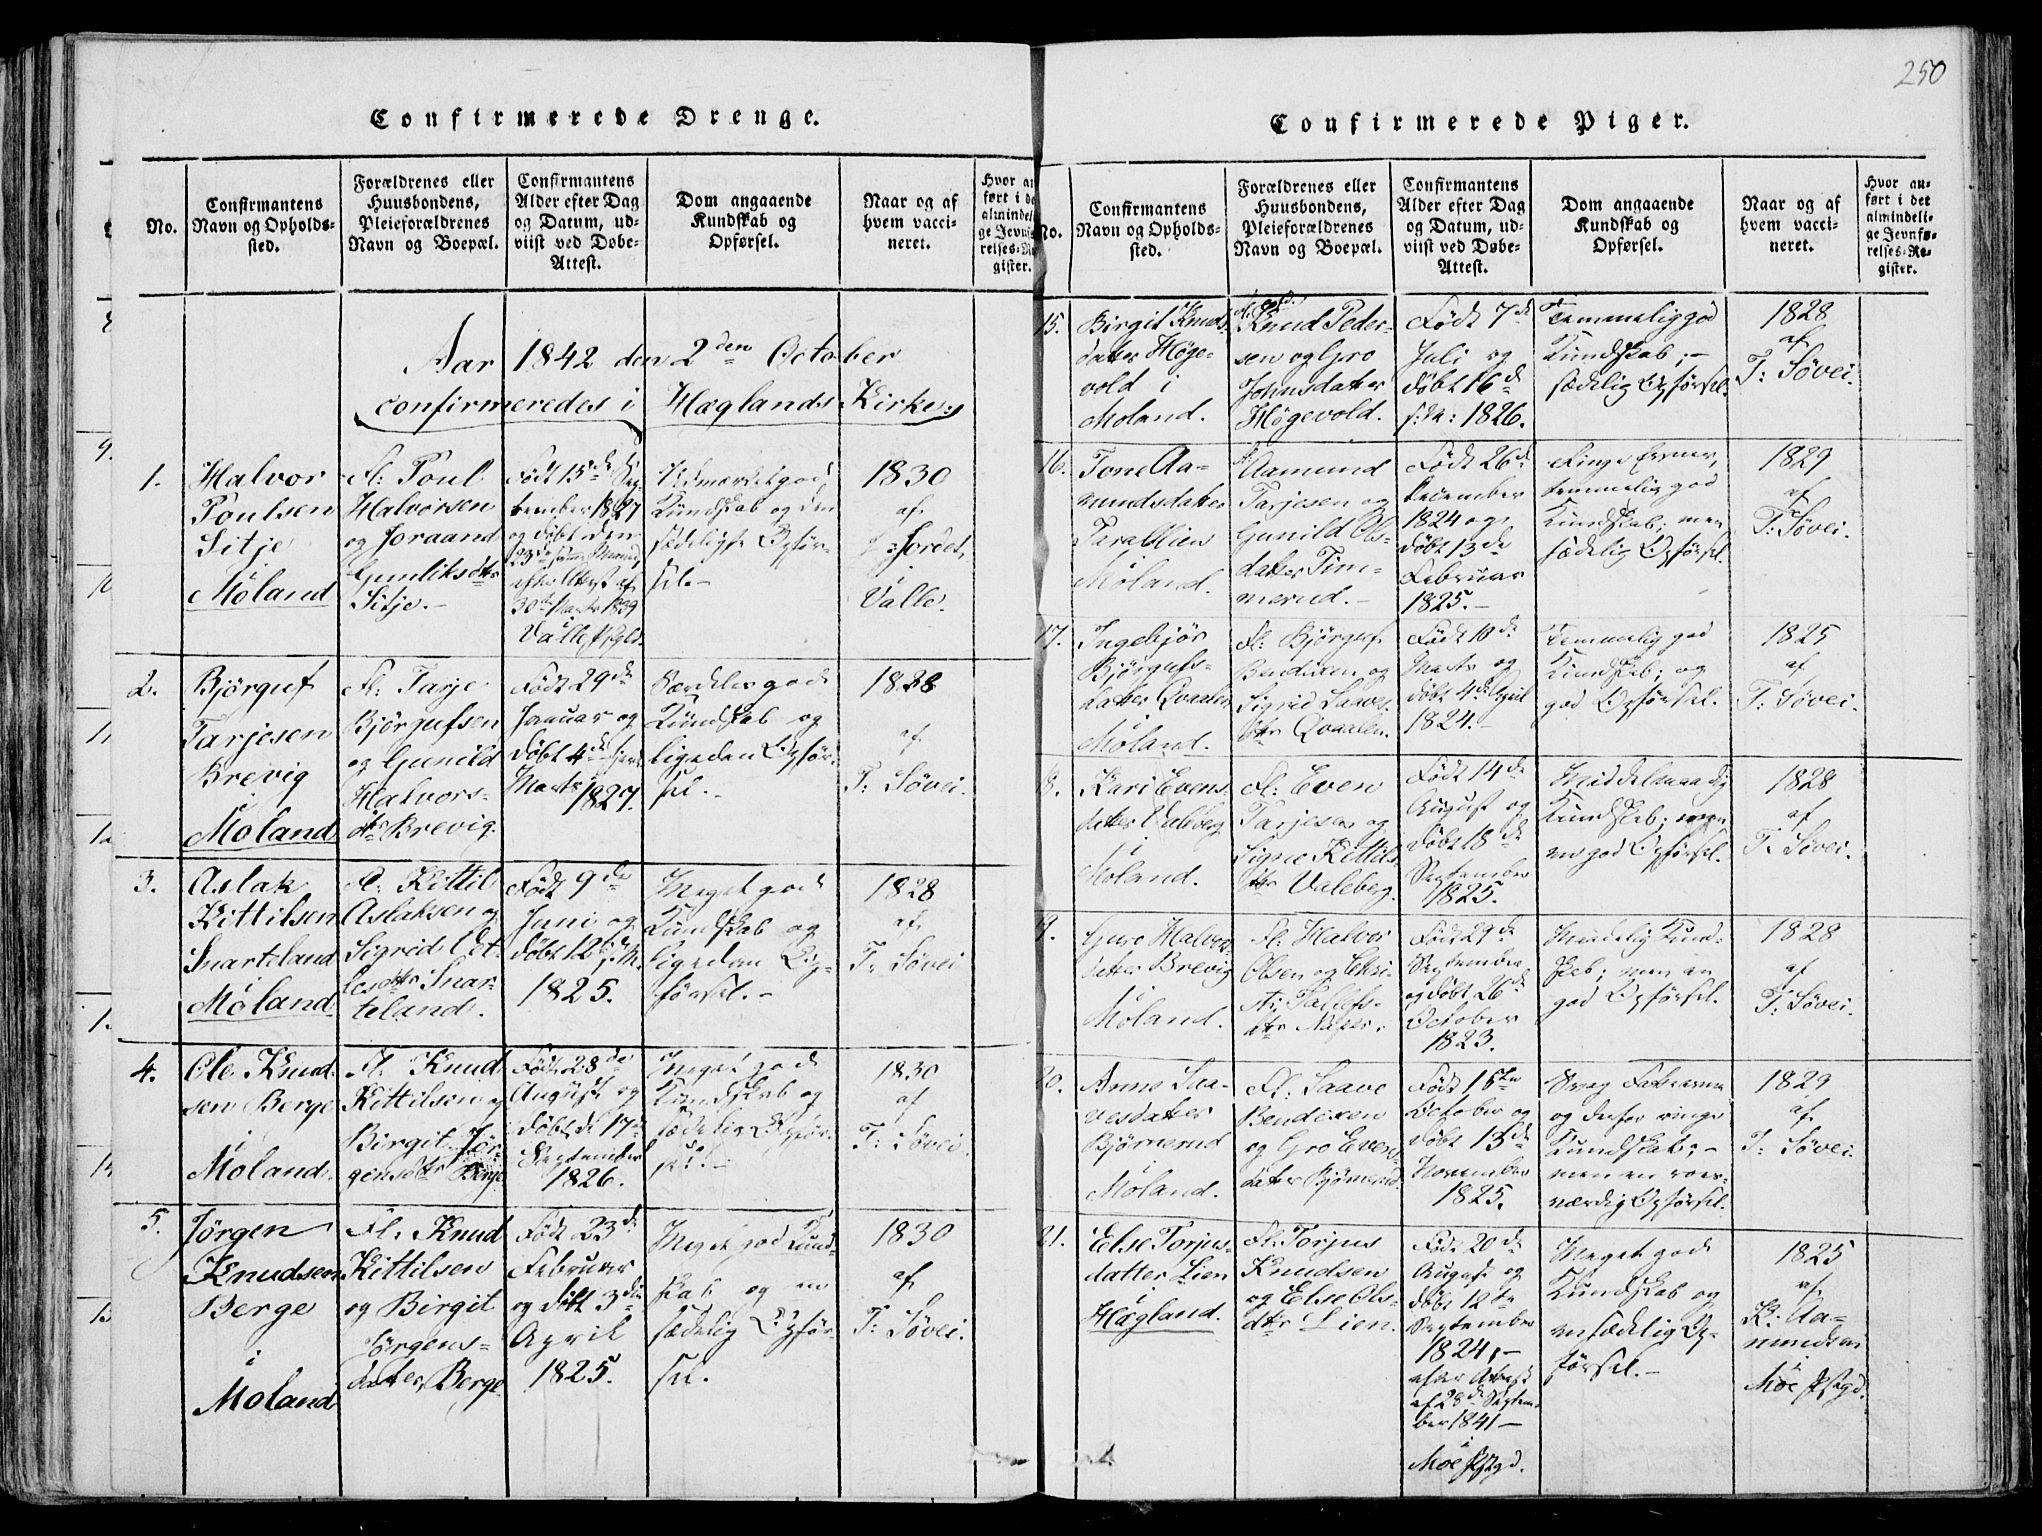 SAKO, Fyresdal kirkebøker, F/Fa/L0004: Ministerialbok nr. I 4, 1815-1854, s. 250